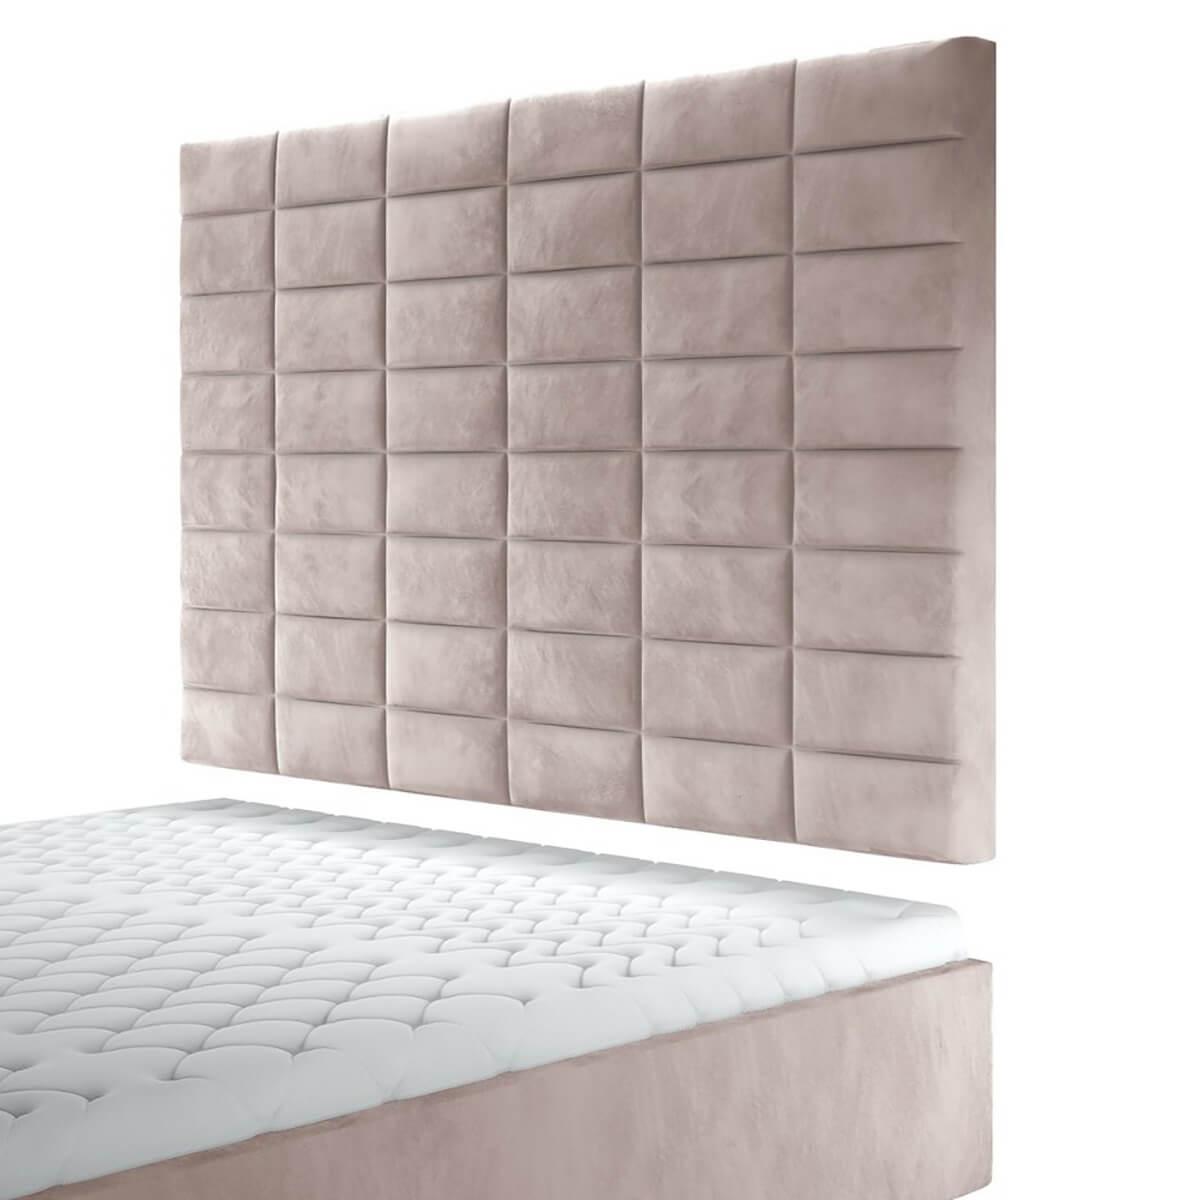 Висок стенен панел за тапицирано легло, модел ZPW-050